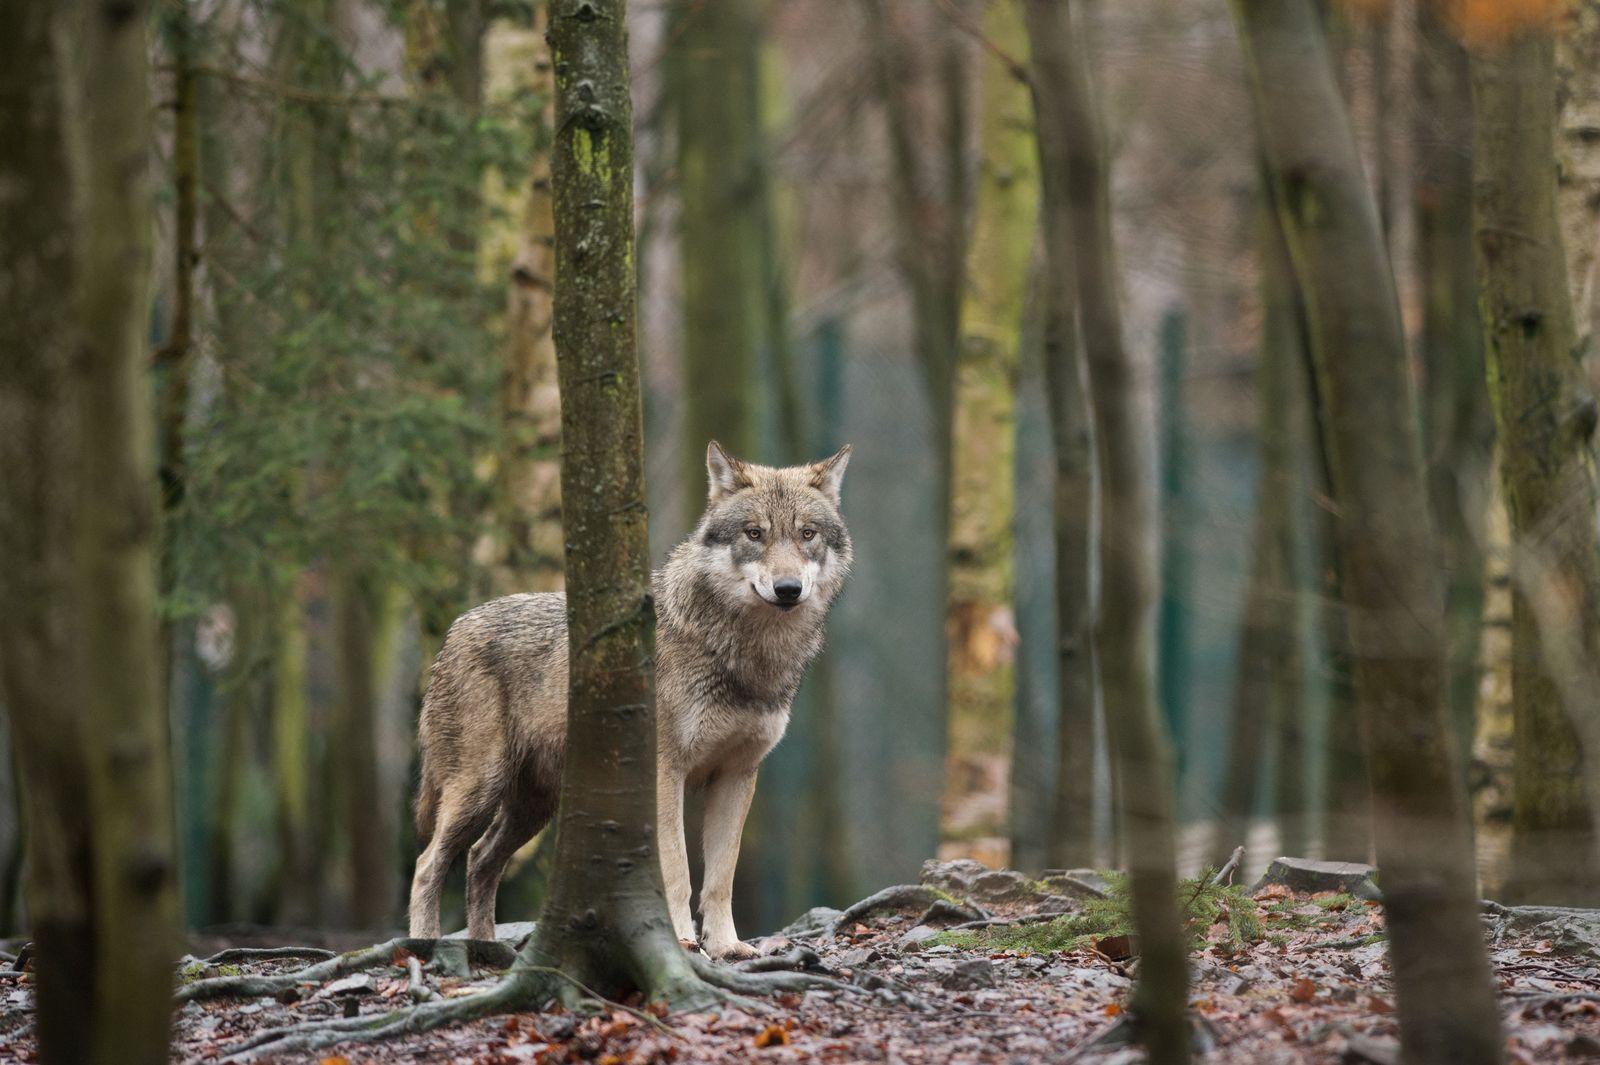 Wanderzeit der Wölfe: Zweite bestätigte Sichtung 2018